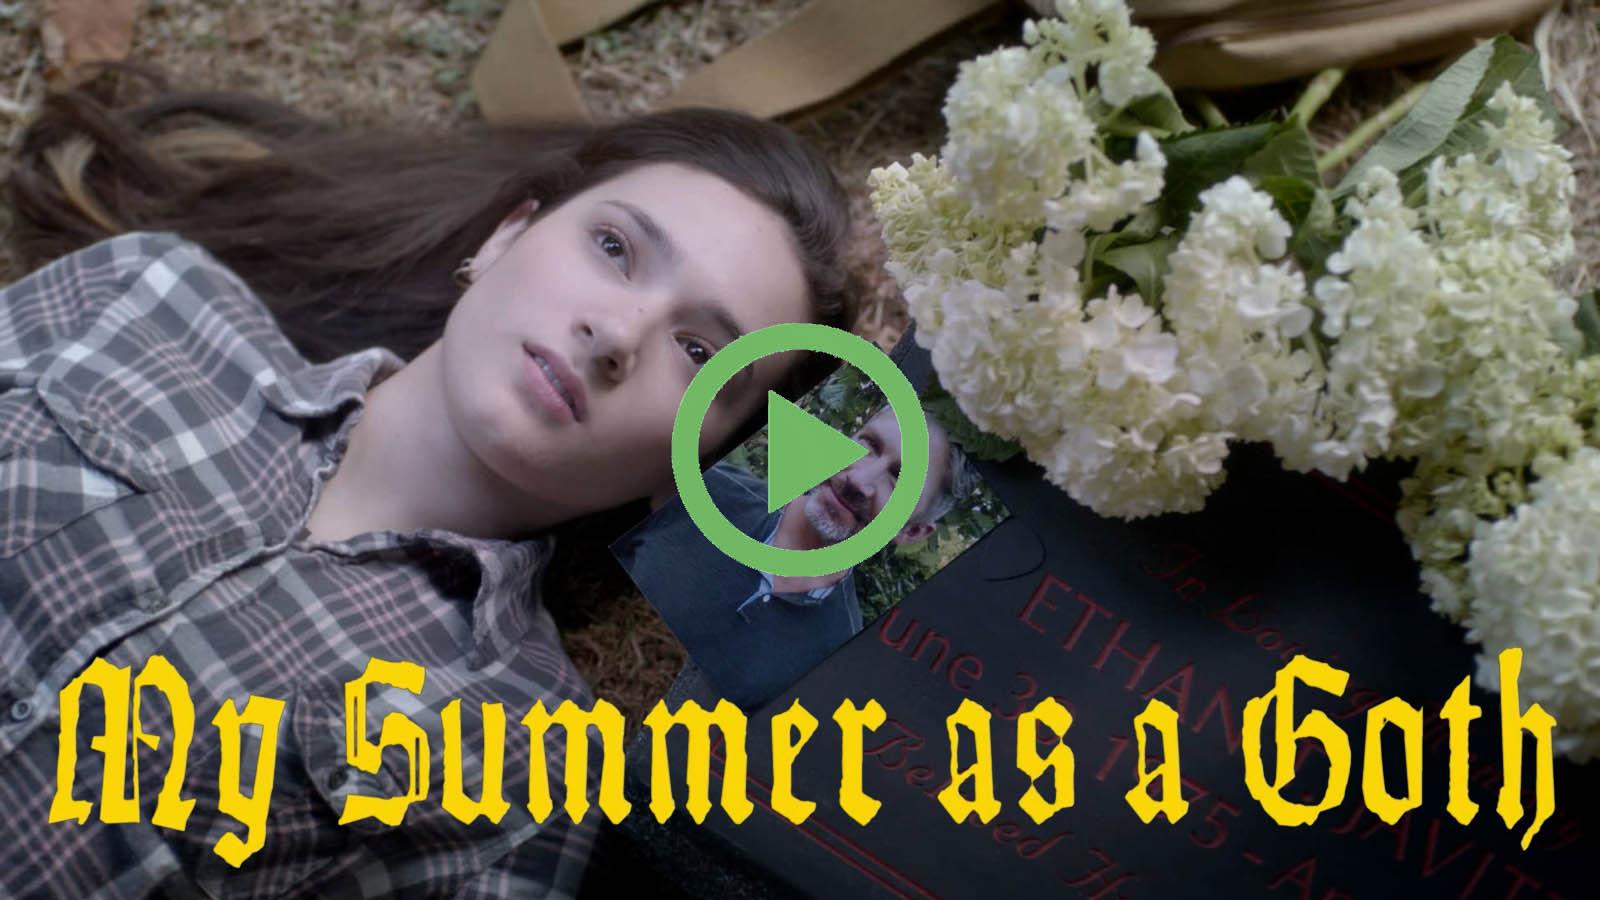 My Summer as a Goth - Tara Johnson-Medinger, Portland OR